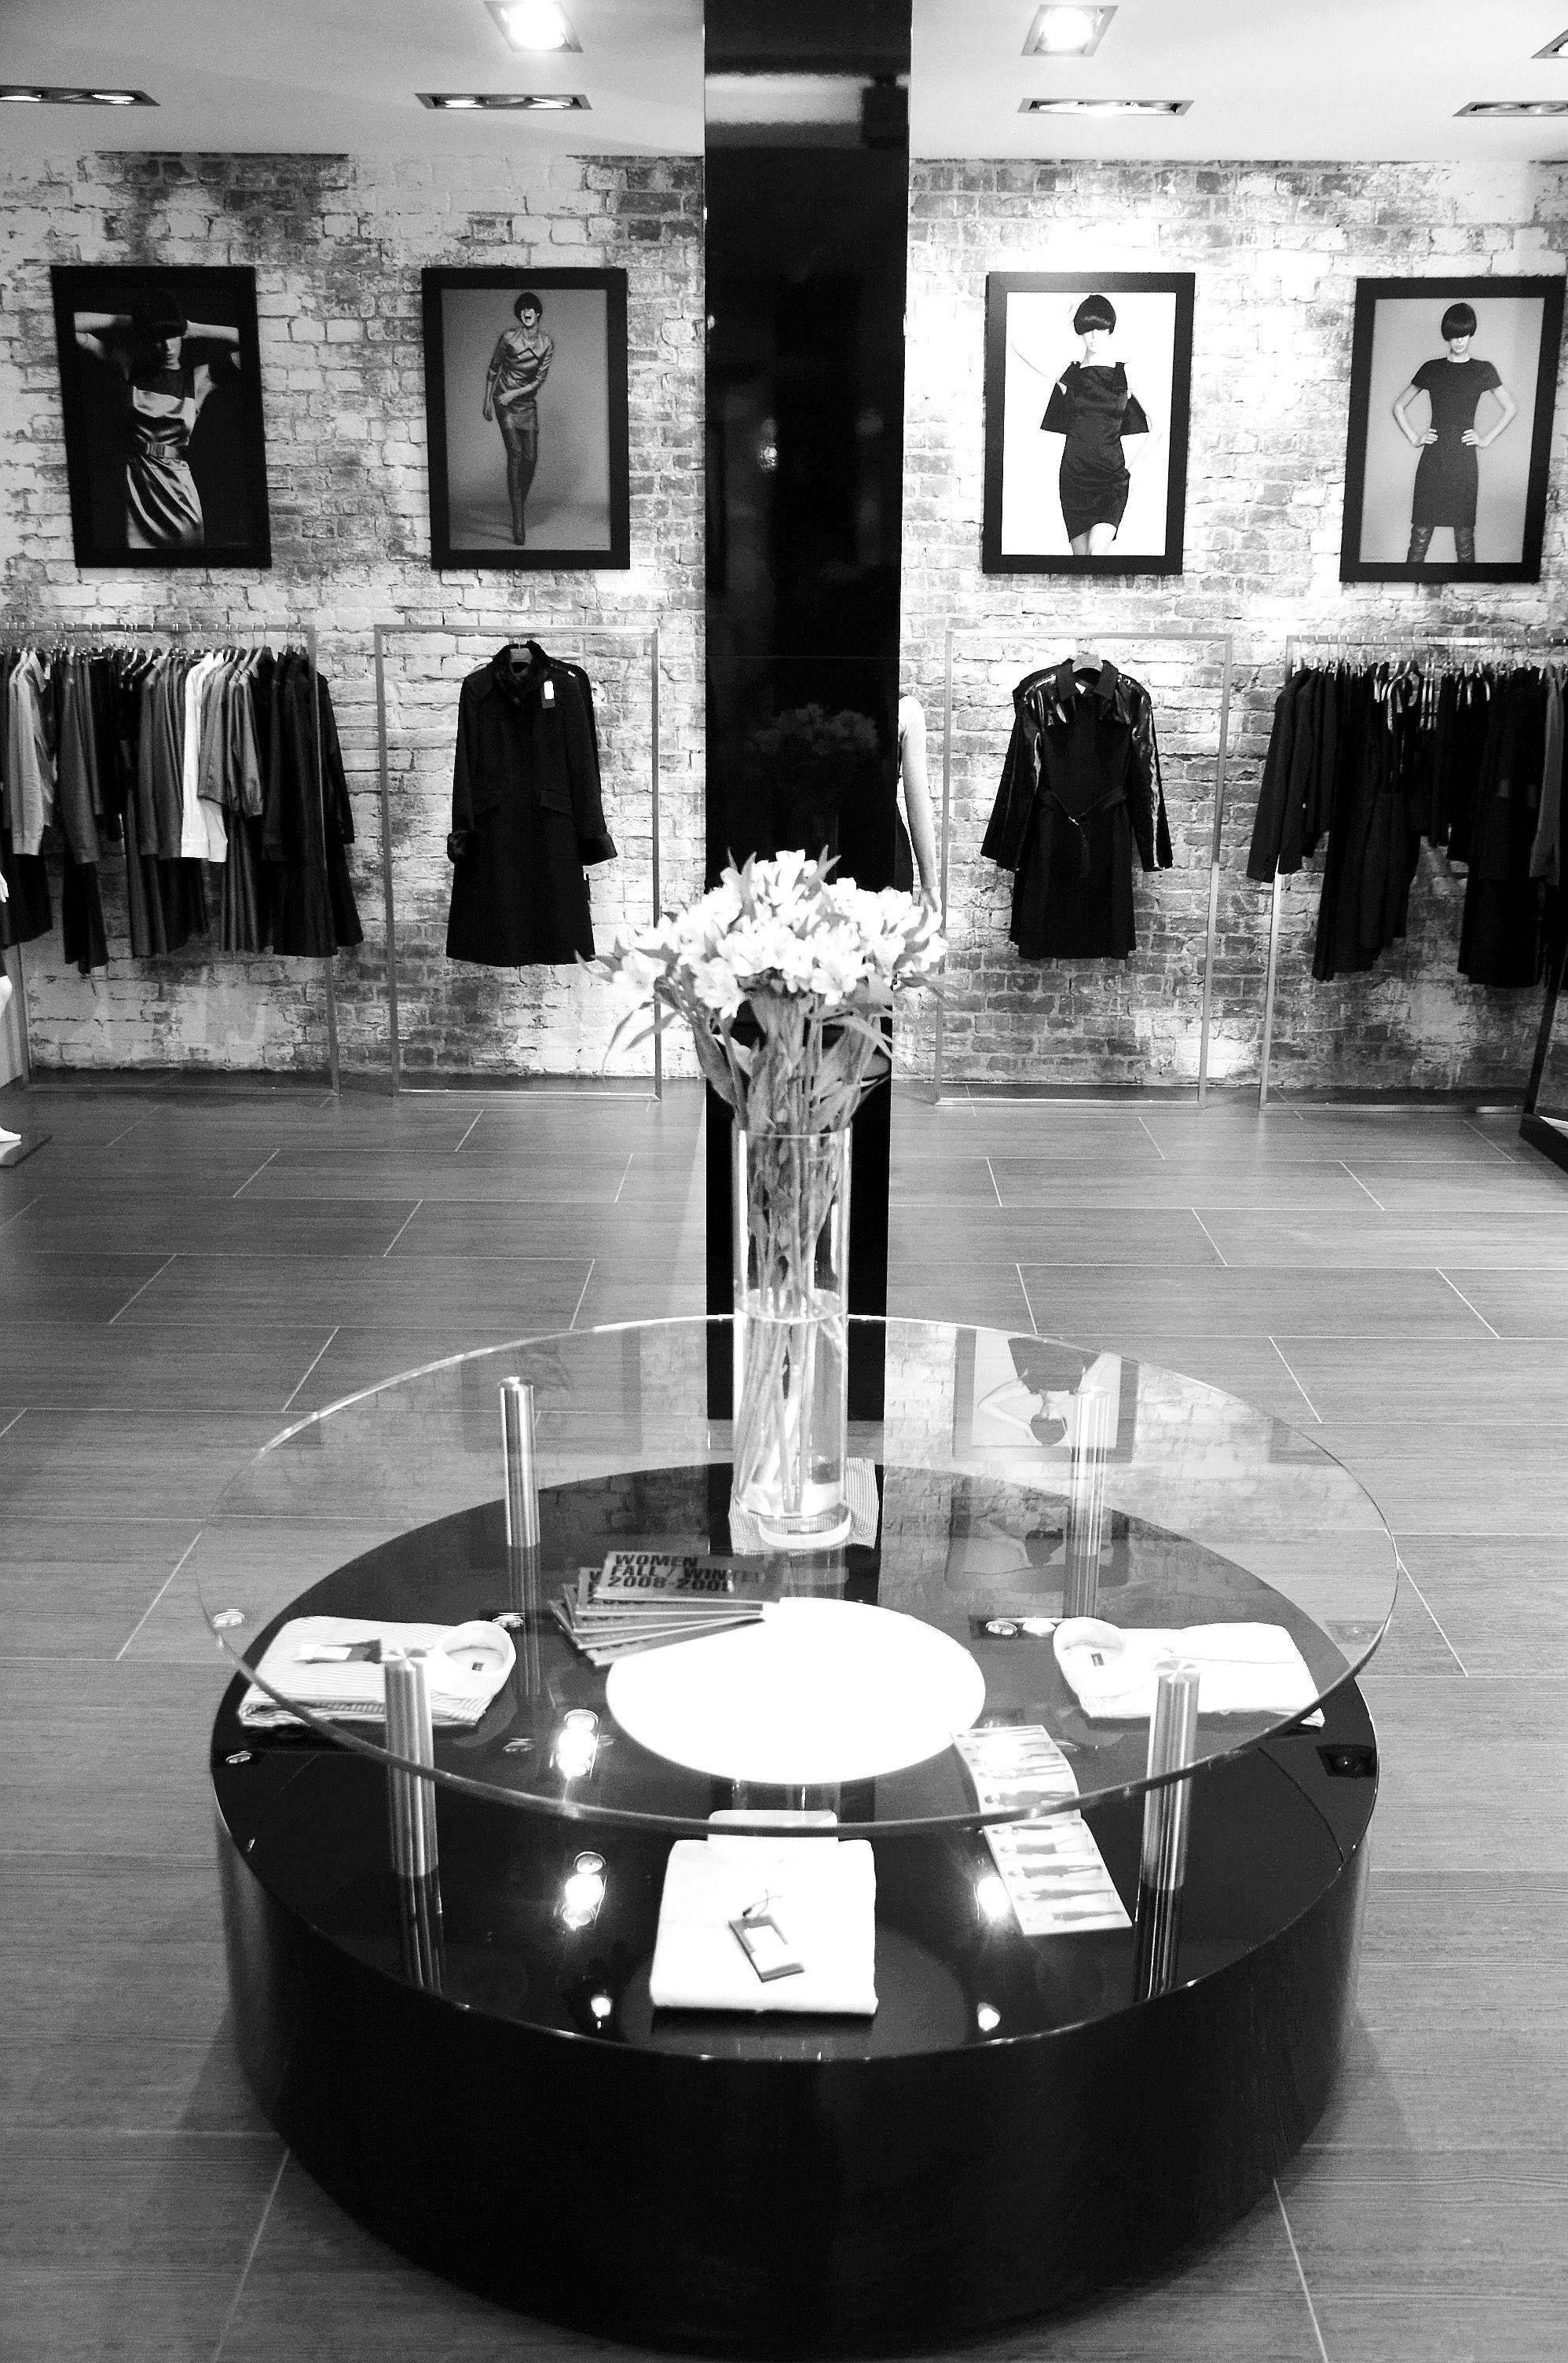 Дизайн магазинов VASSA был сформирован Арт Директором одноименного модного дома Штефаном Унгару. VASSA's stores designed by Stefan Ungaru. #VASSA_CO #VASSA #RUSSIAN_DESIGNER #STORES #STEFAN_UNGARU #INTERIOR_DESIGN